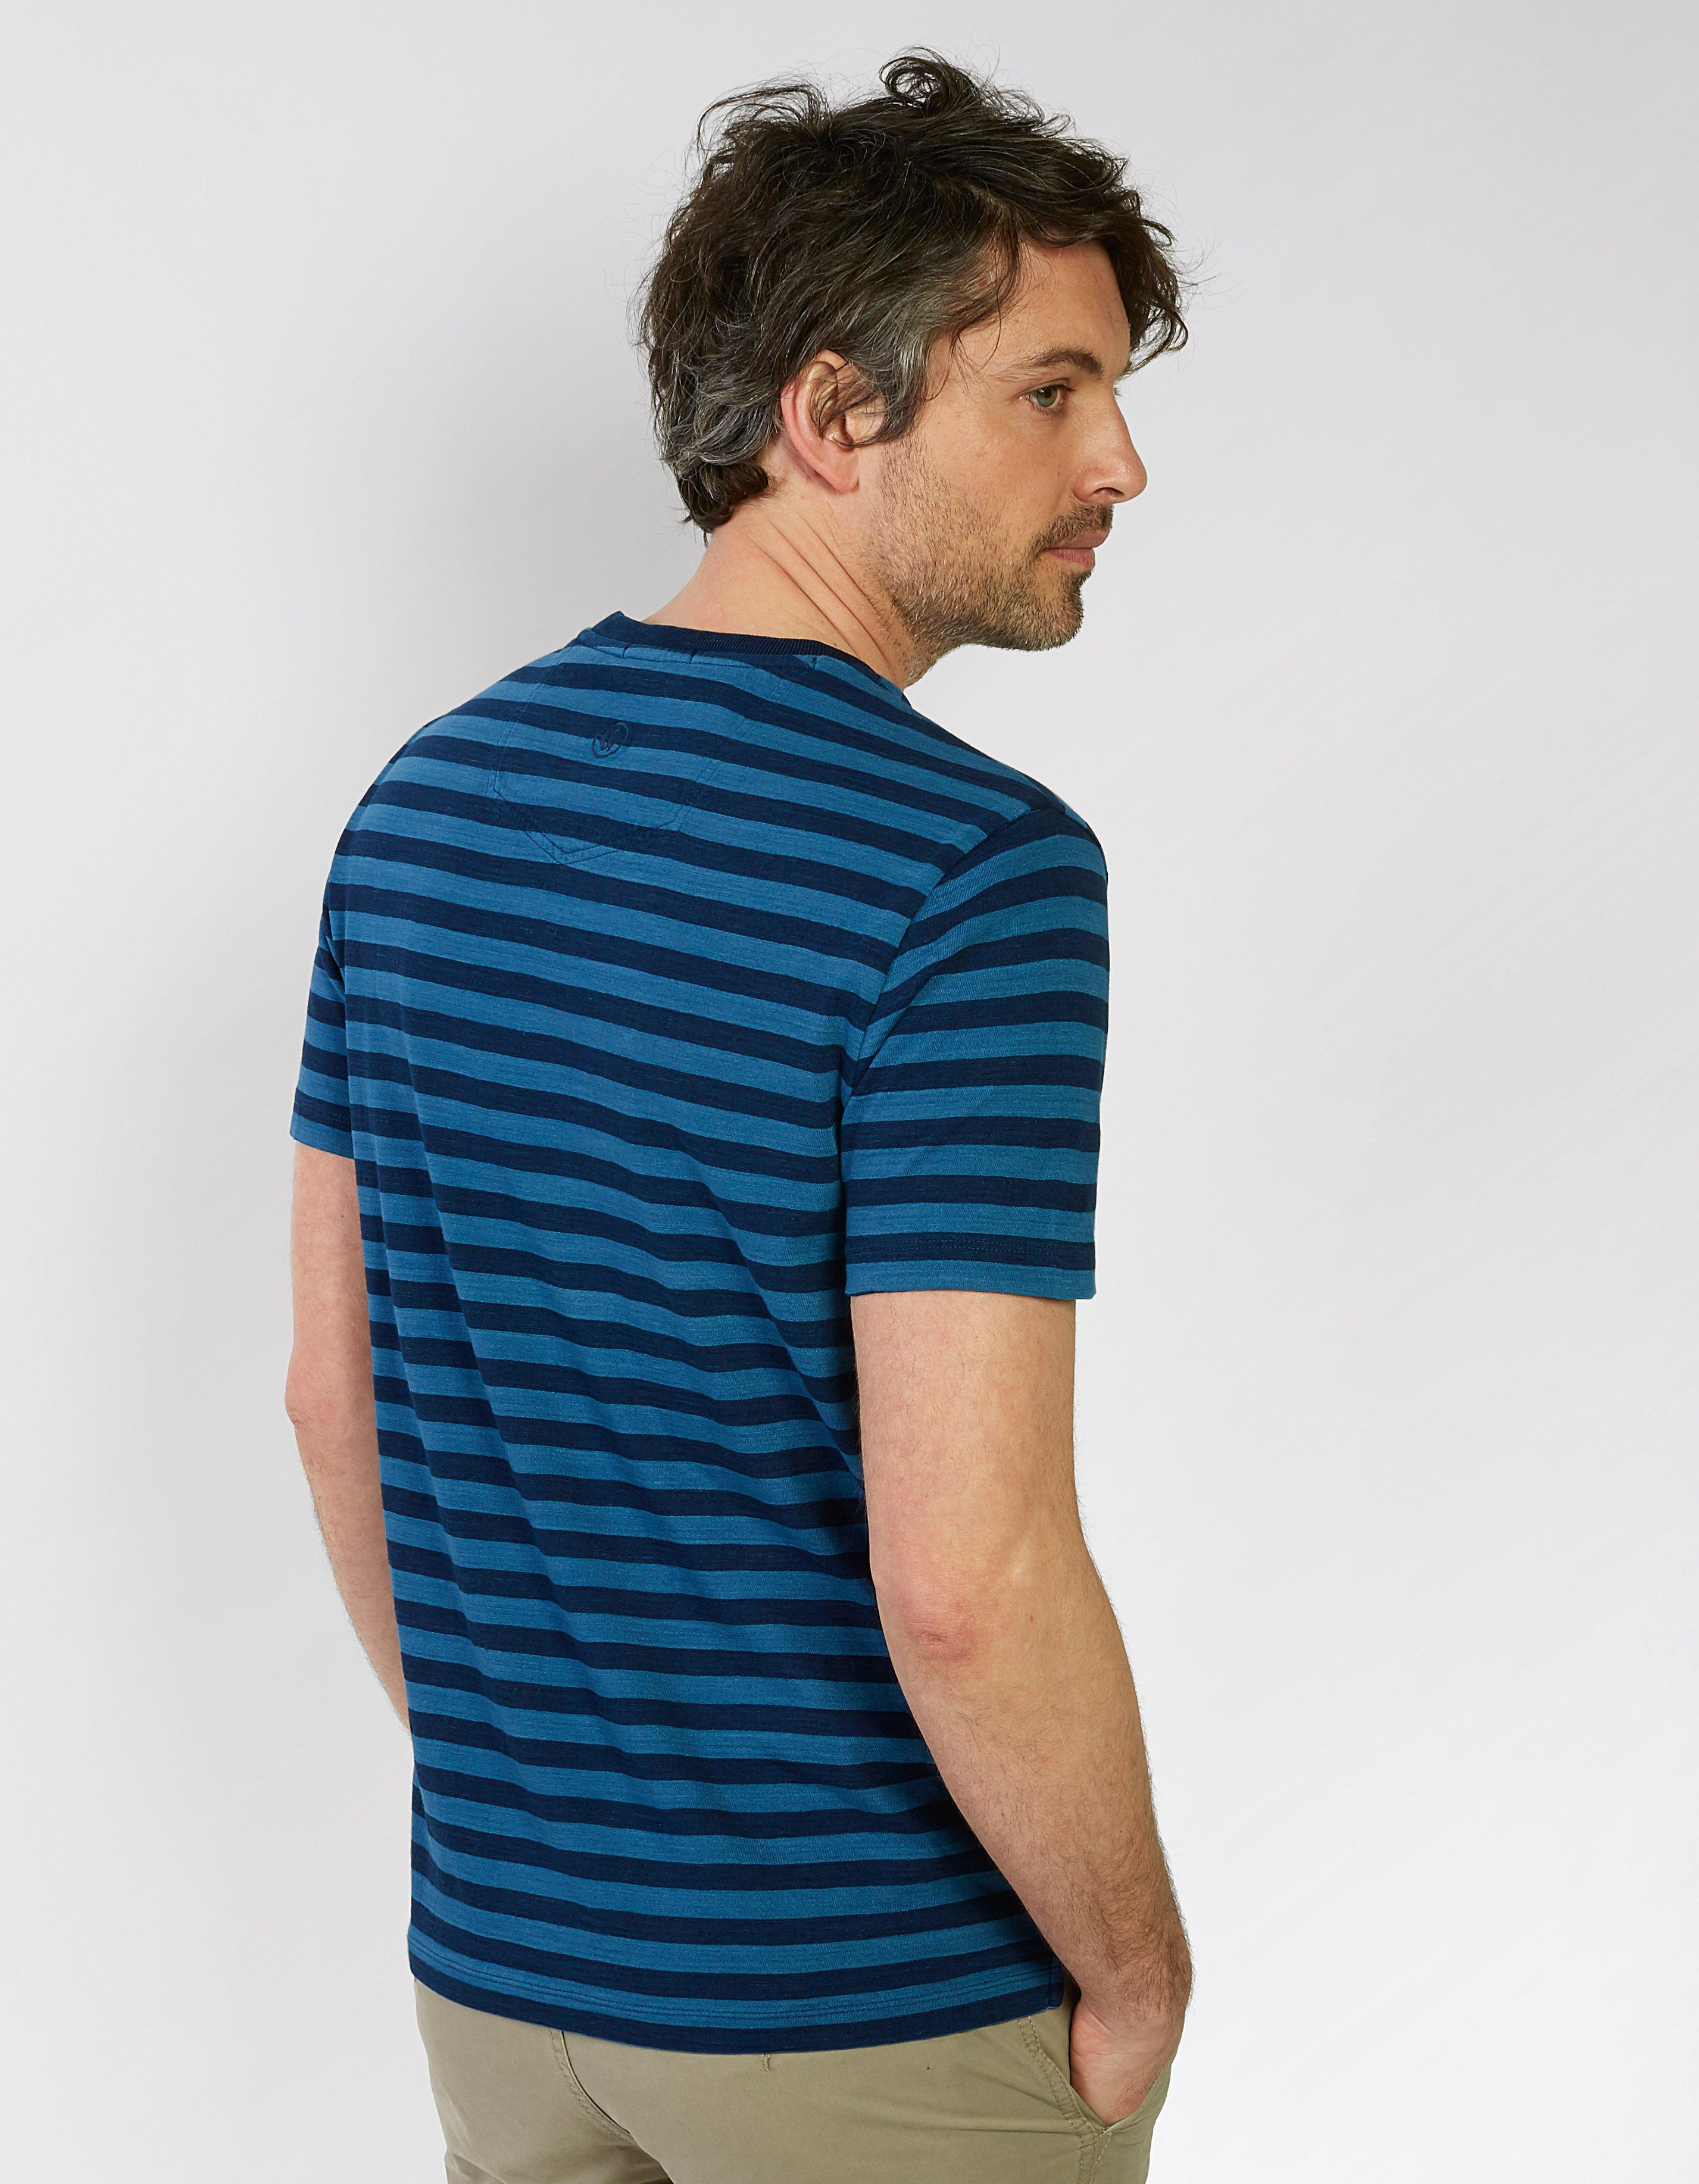 Indigo Breton Slub Crew Neck T Shirt